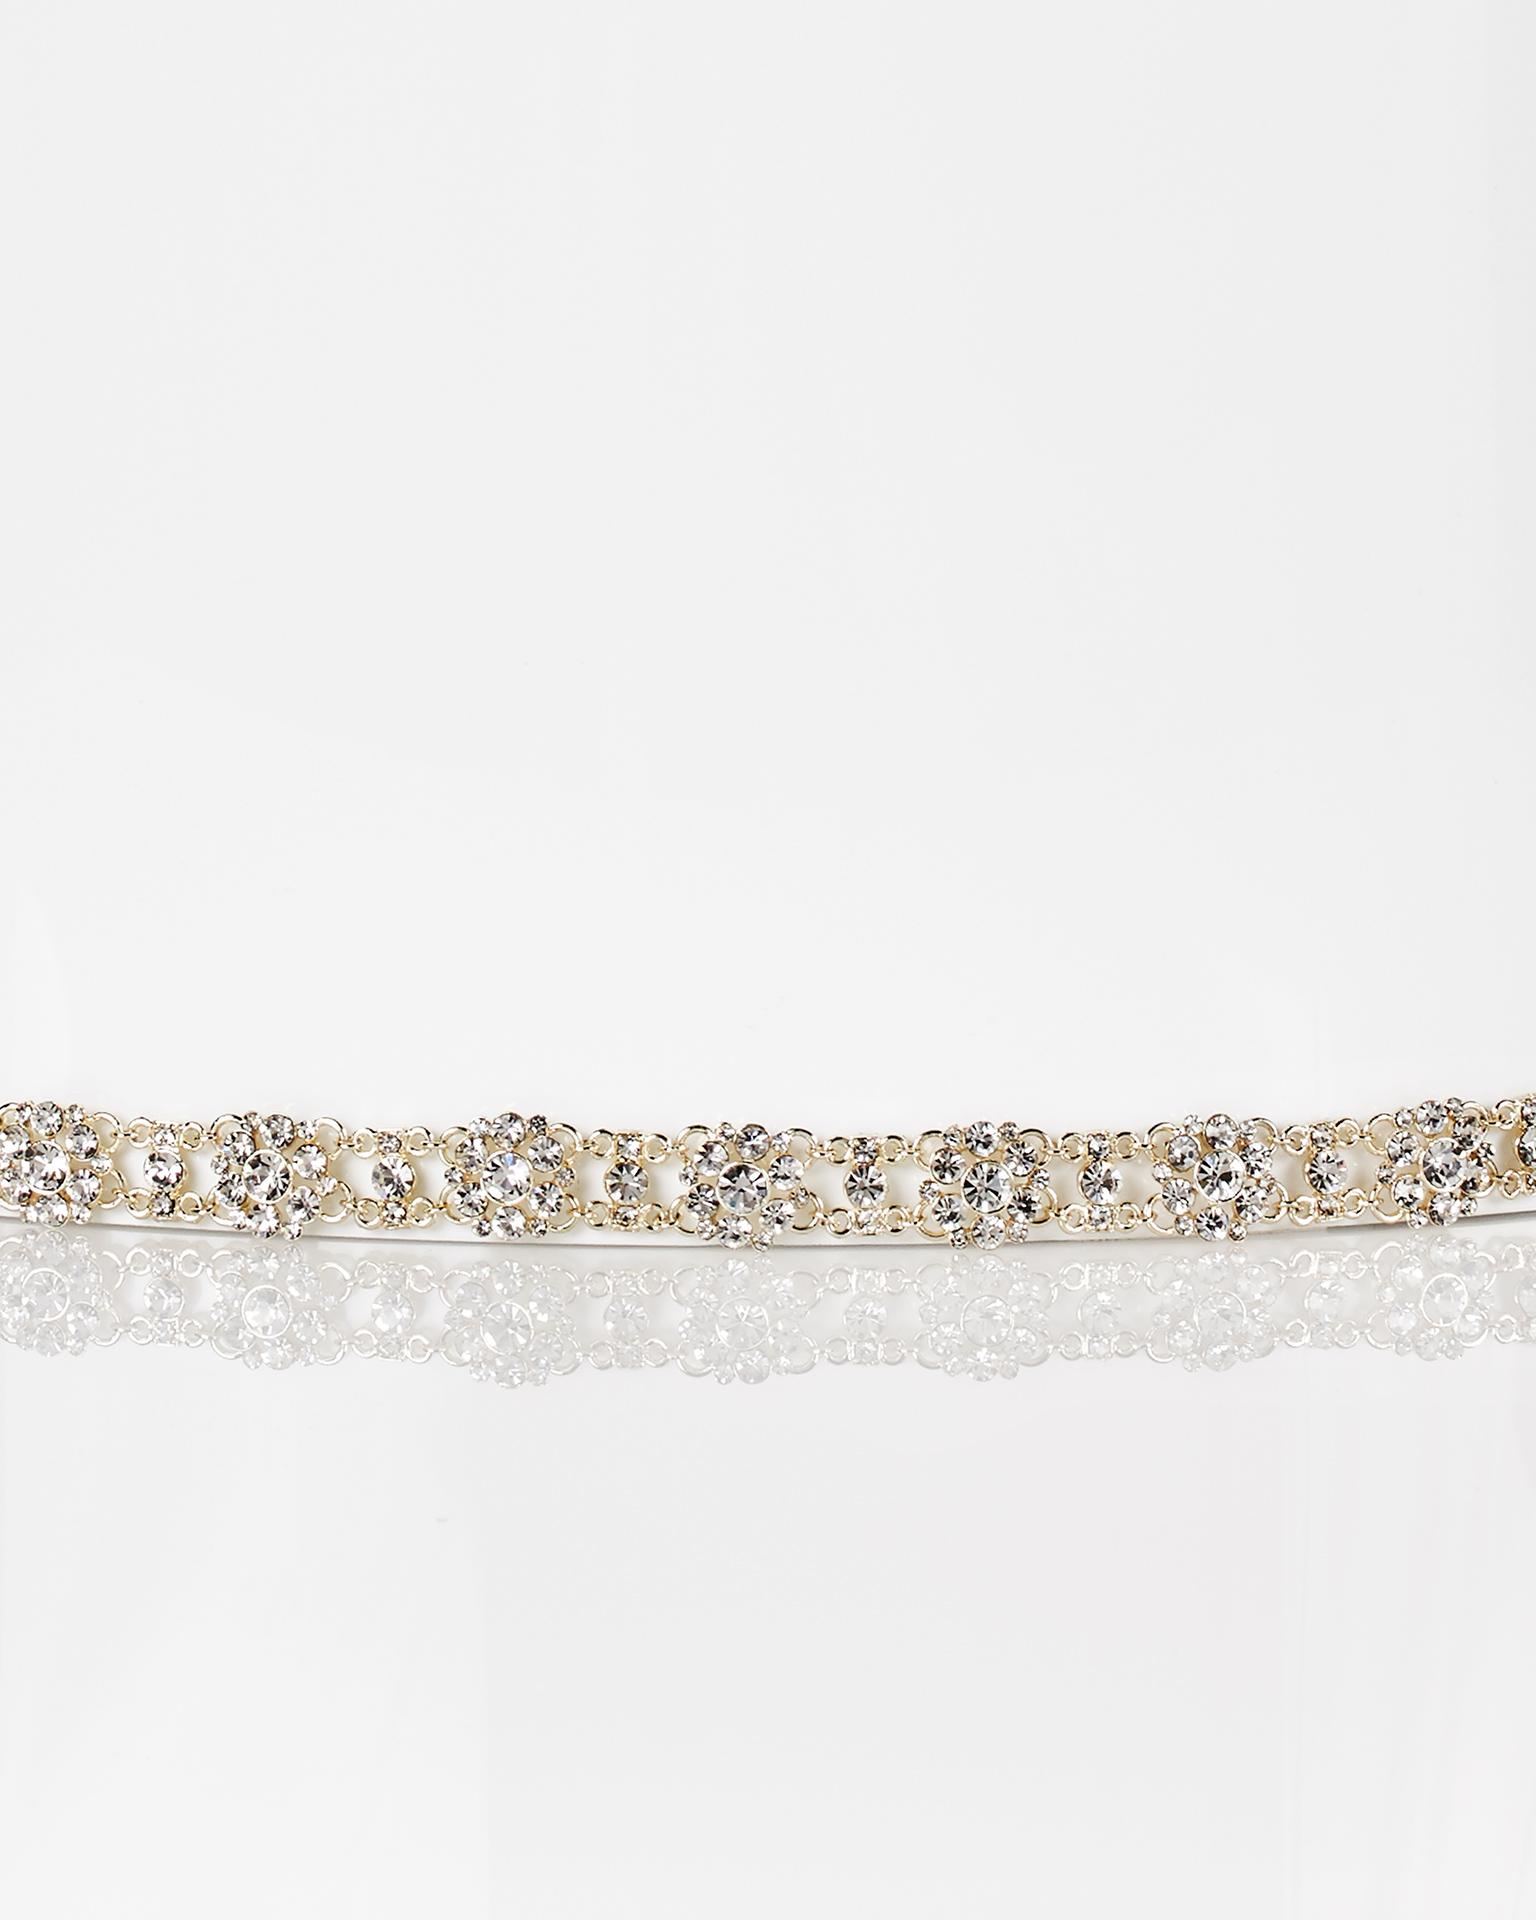 Serre-tête de mariée en métal et cristal avec ruban en organdi, de couleur or. Collection  2018.